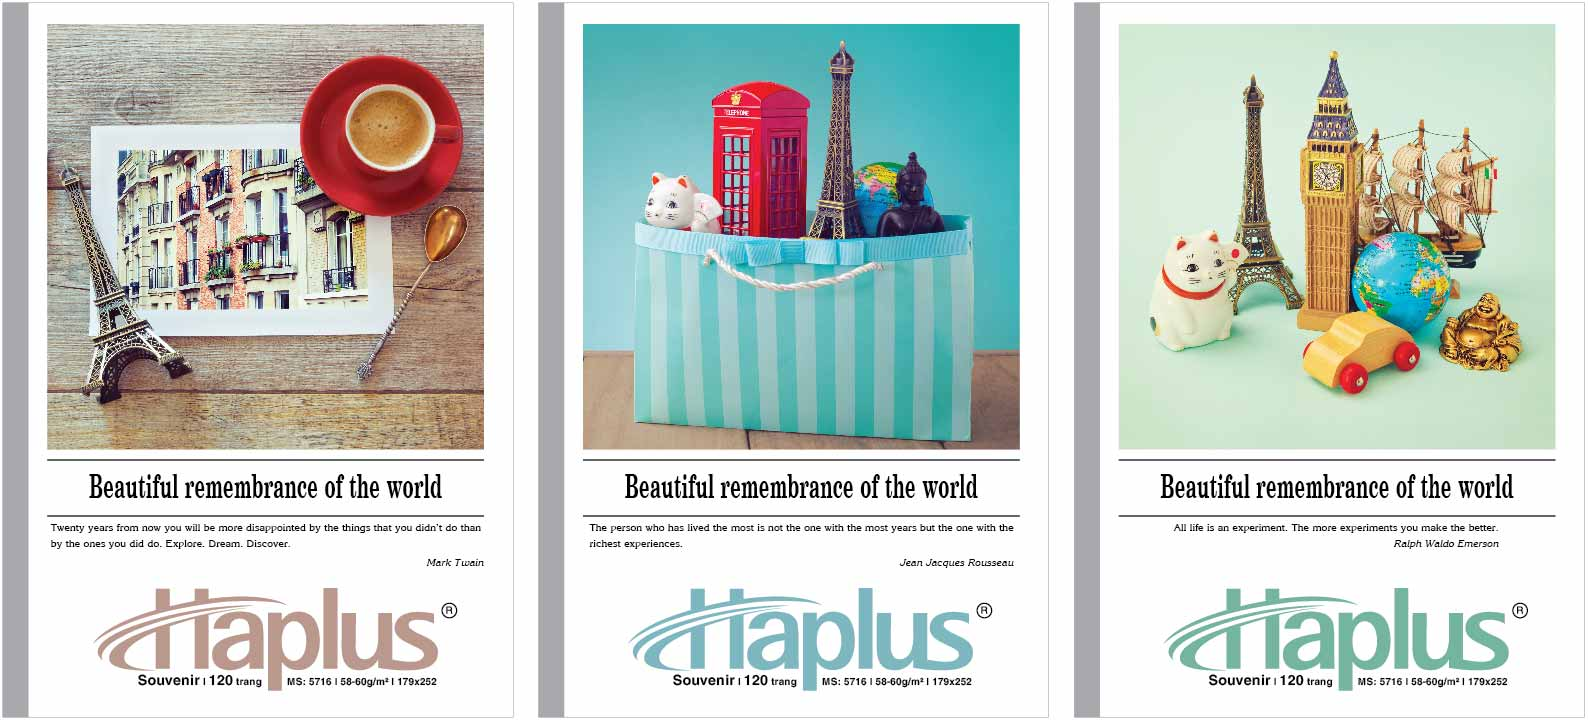 Haplus - Souvenir